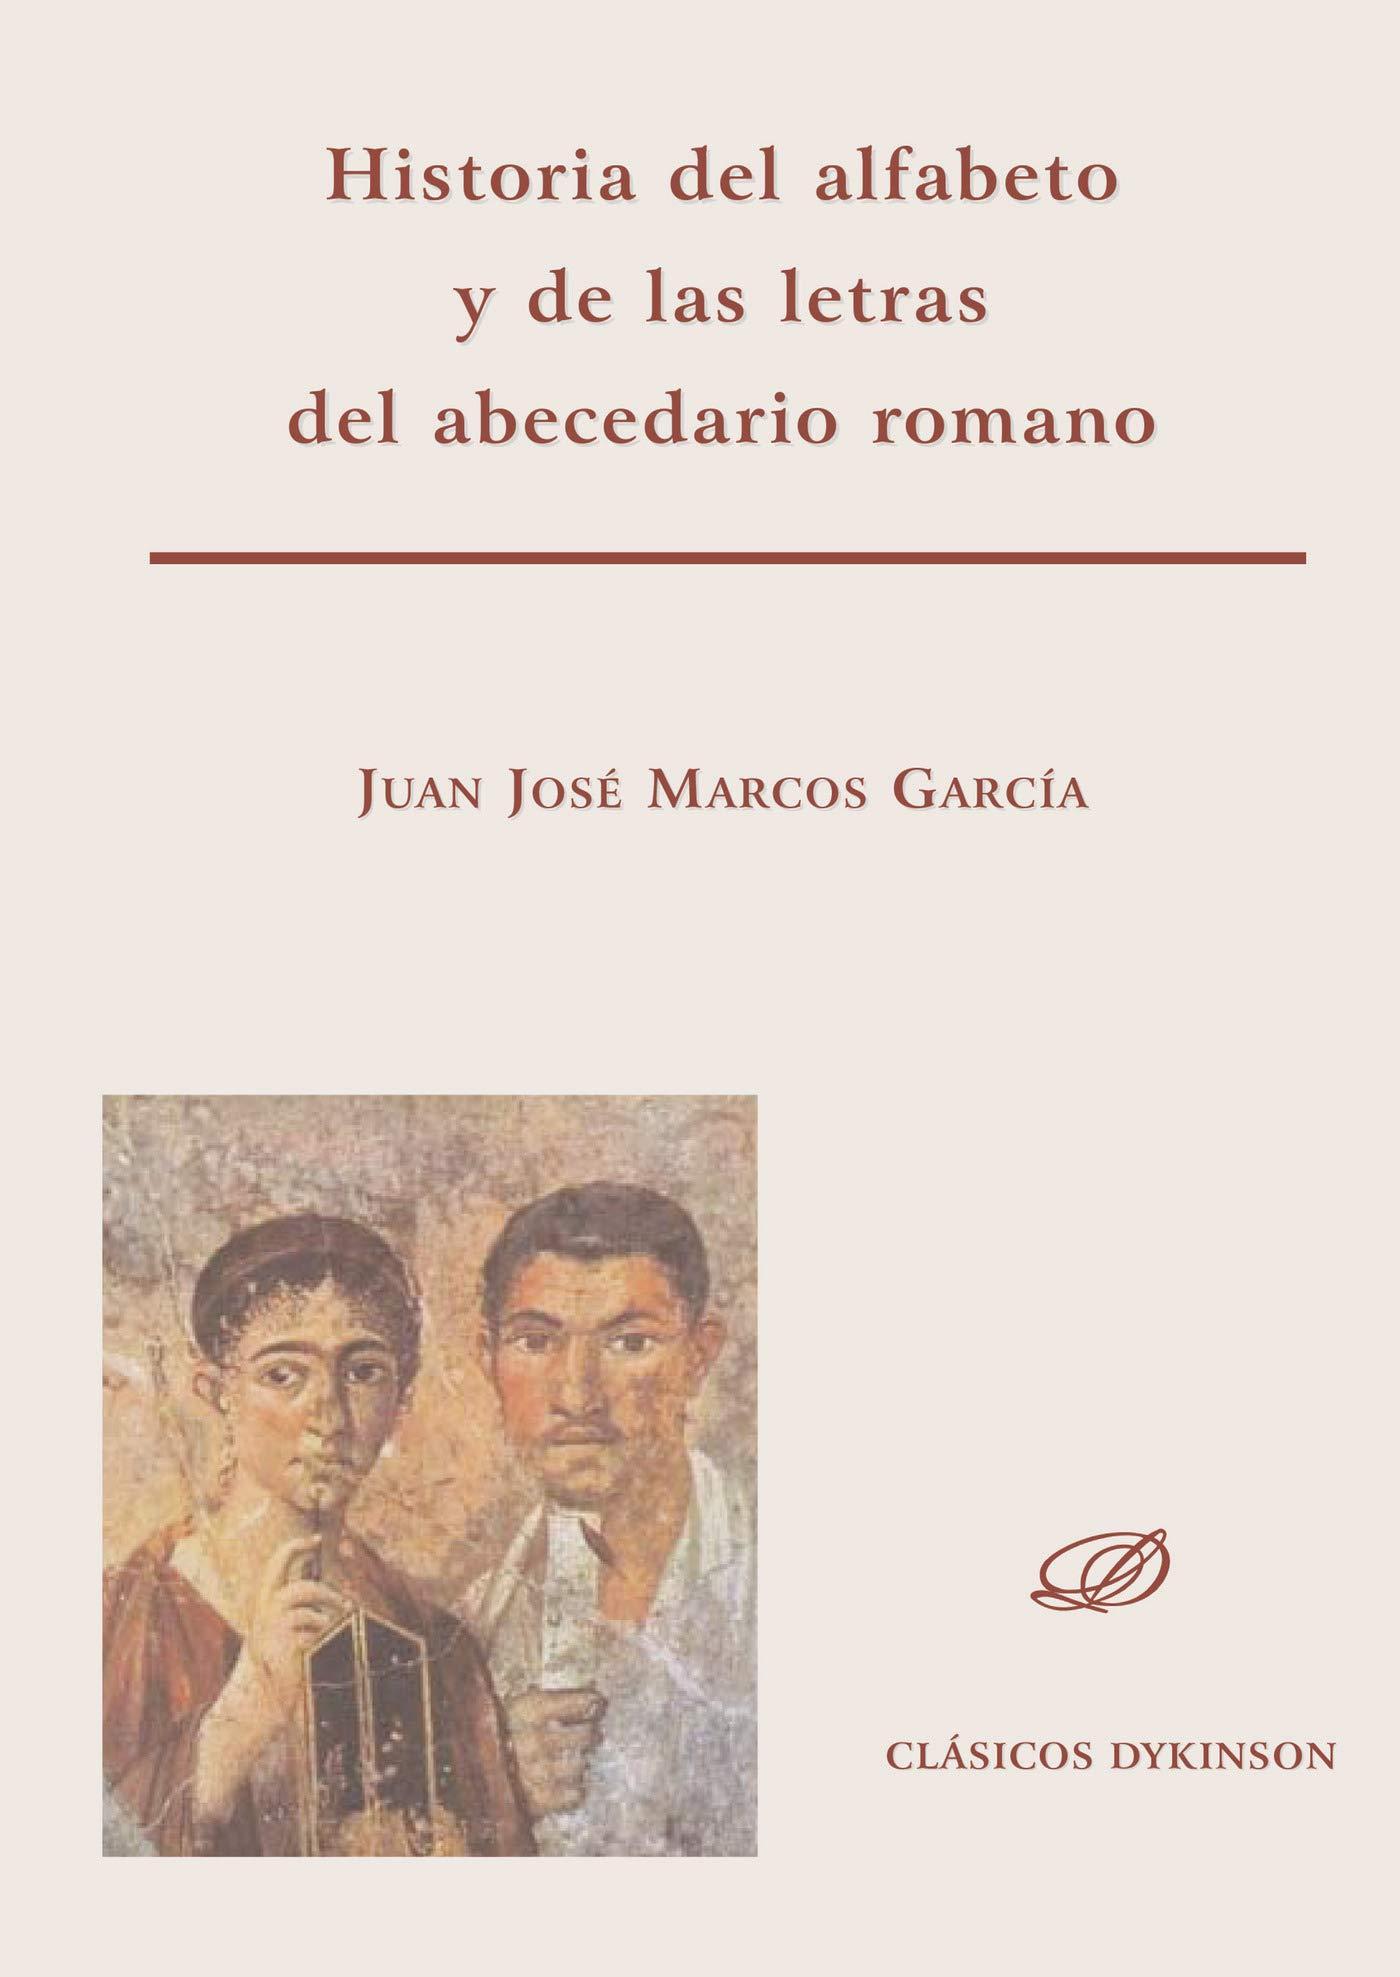 Historia del alfabeto y de las letras del abecedario romano: Amazon.es: Marcos García, Juan José: Libros